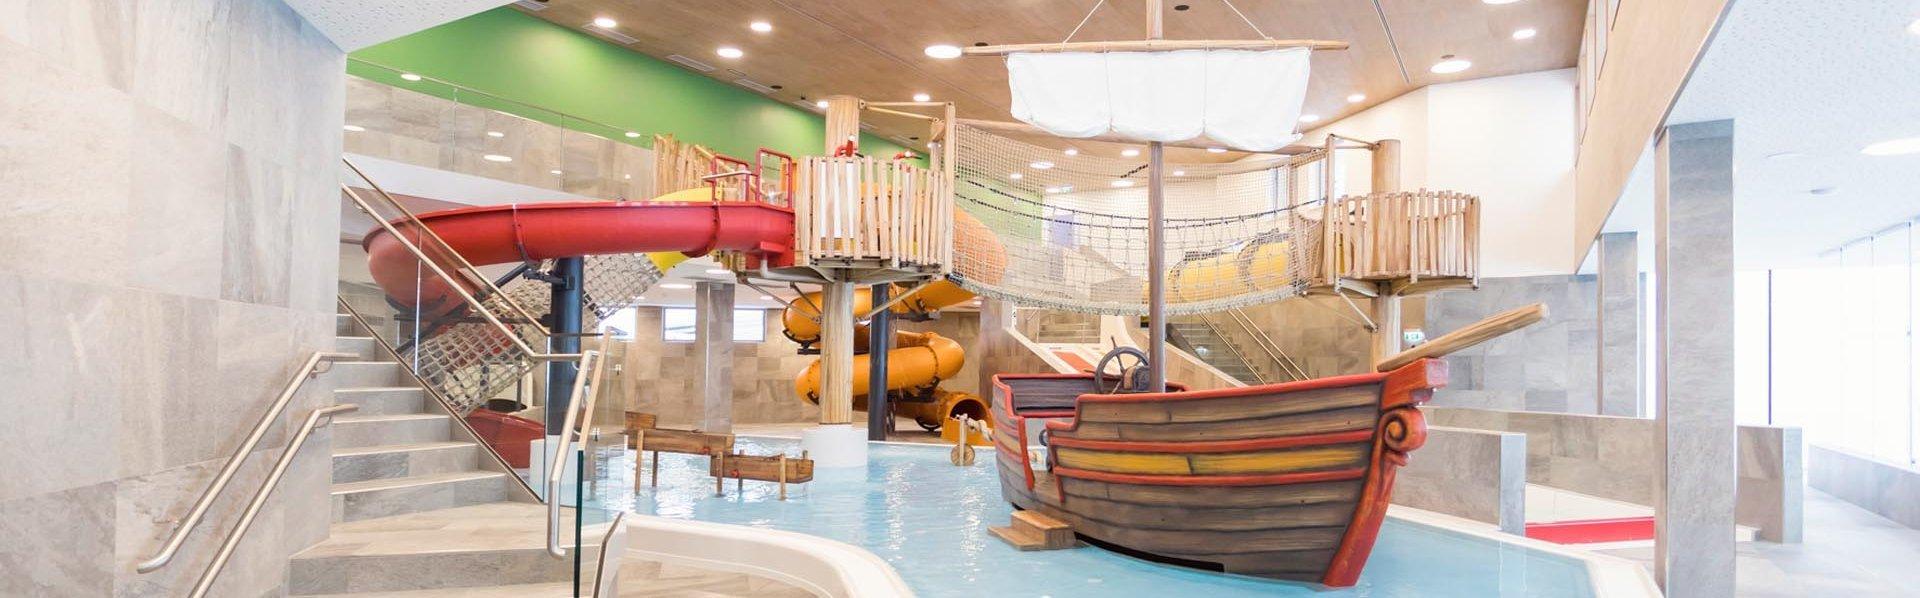 Kinderwasserwelt mit Rutschen